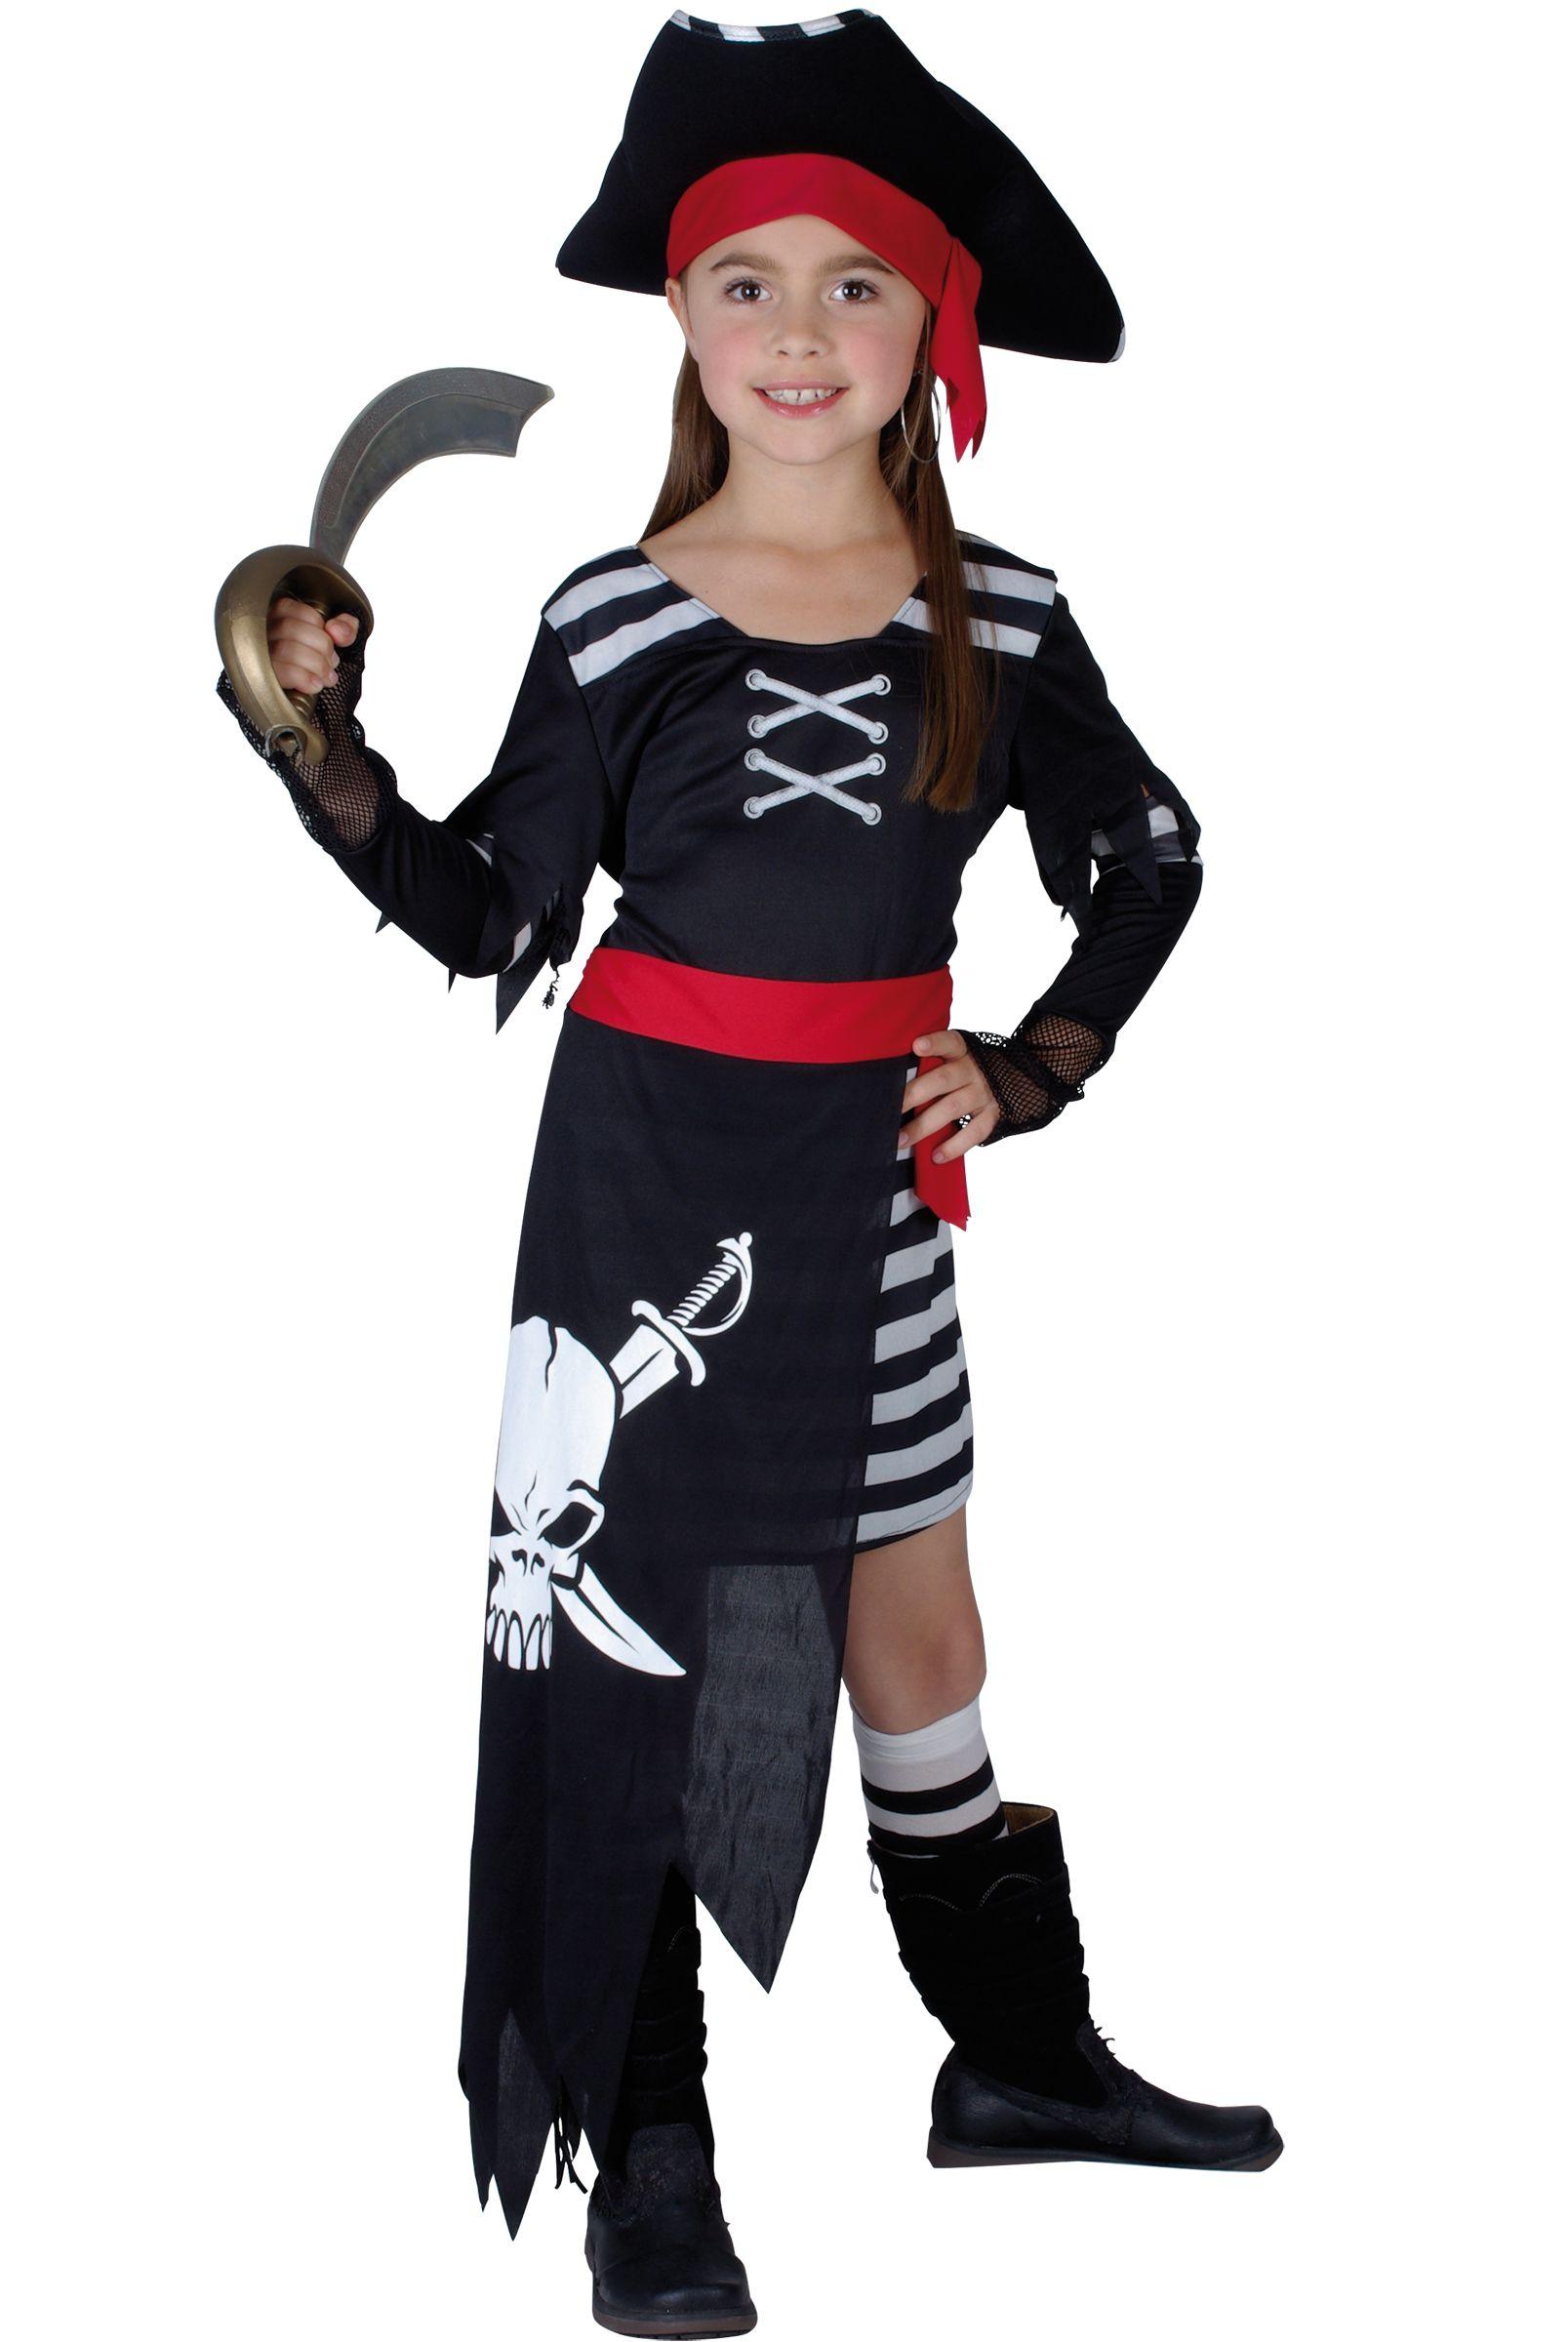 de4880c5f6e9 Costume pirata con gonna lunga per bambina: Costumi bambini,e vestiti di carnevale  online - Vegaoo